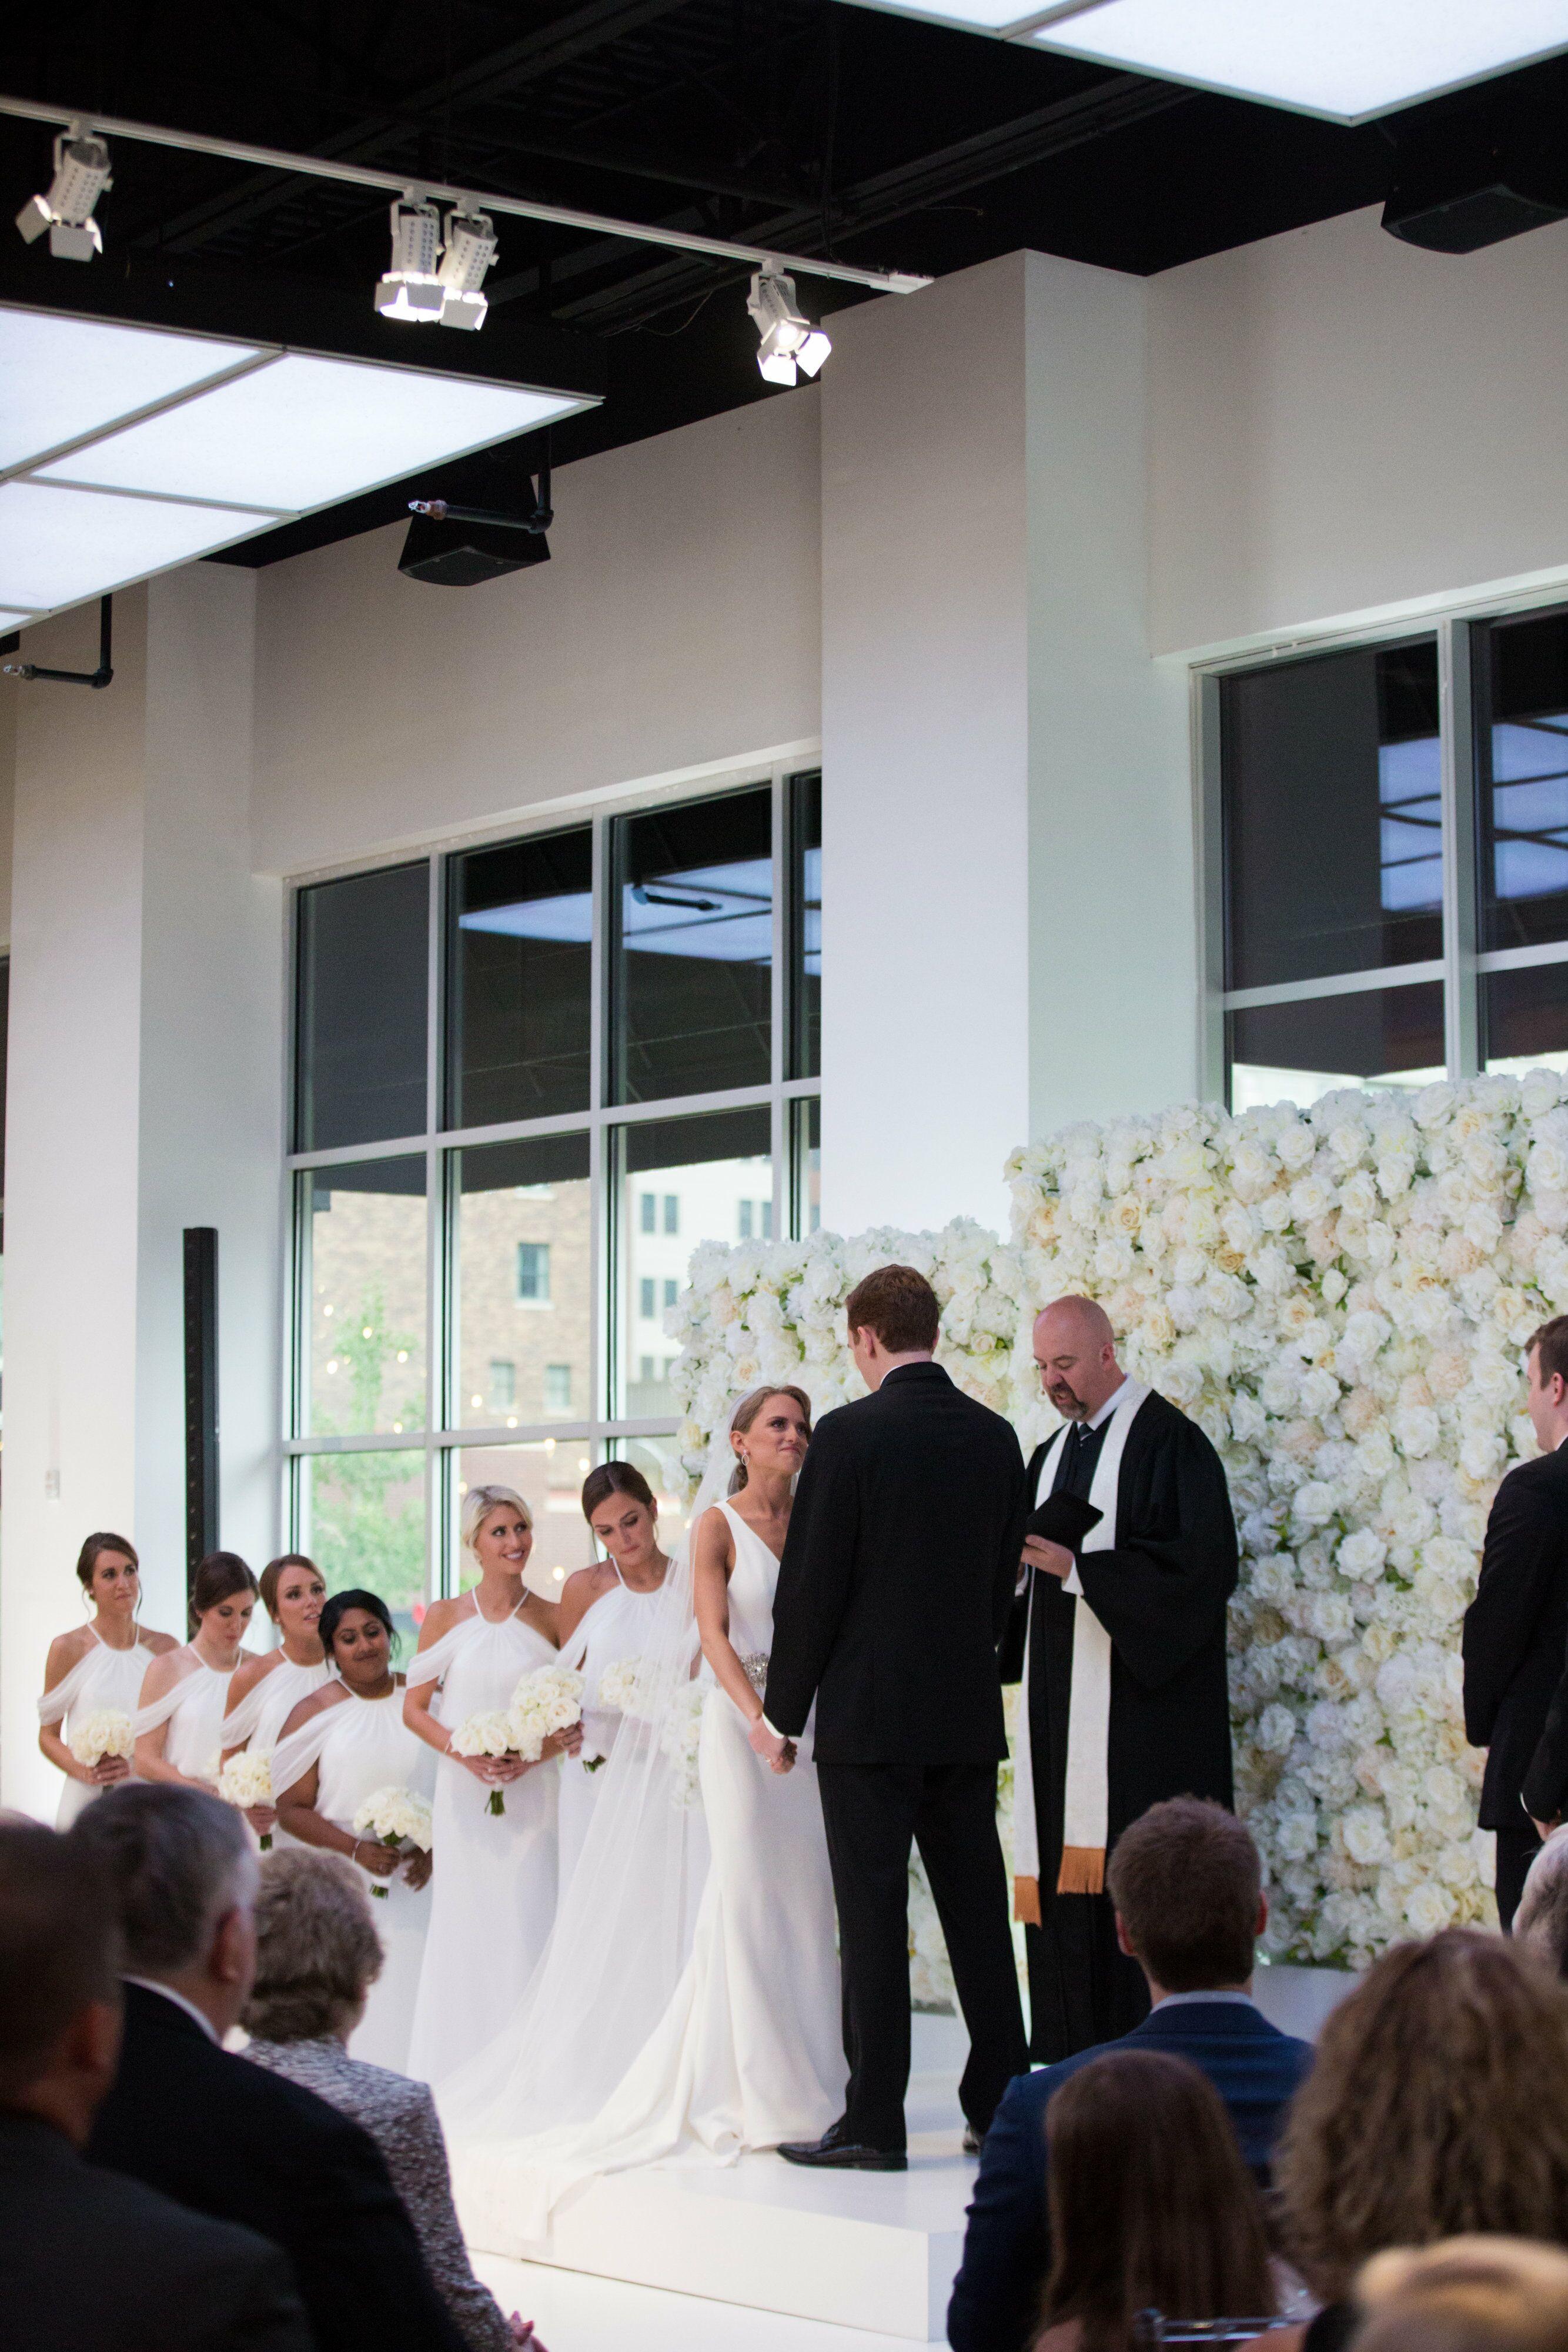 db03d03b8f8 Wedding Venues in Kansas City